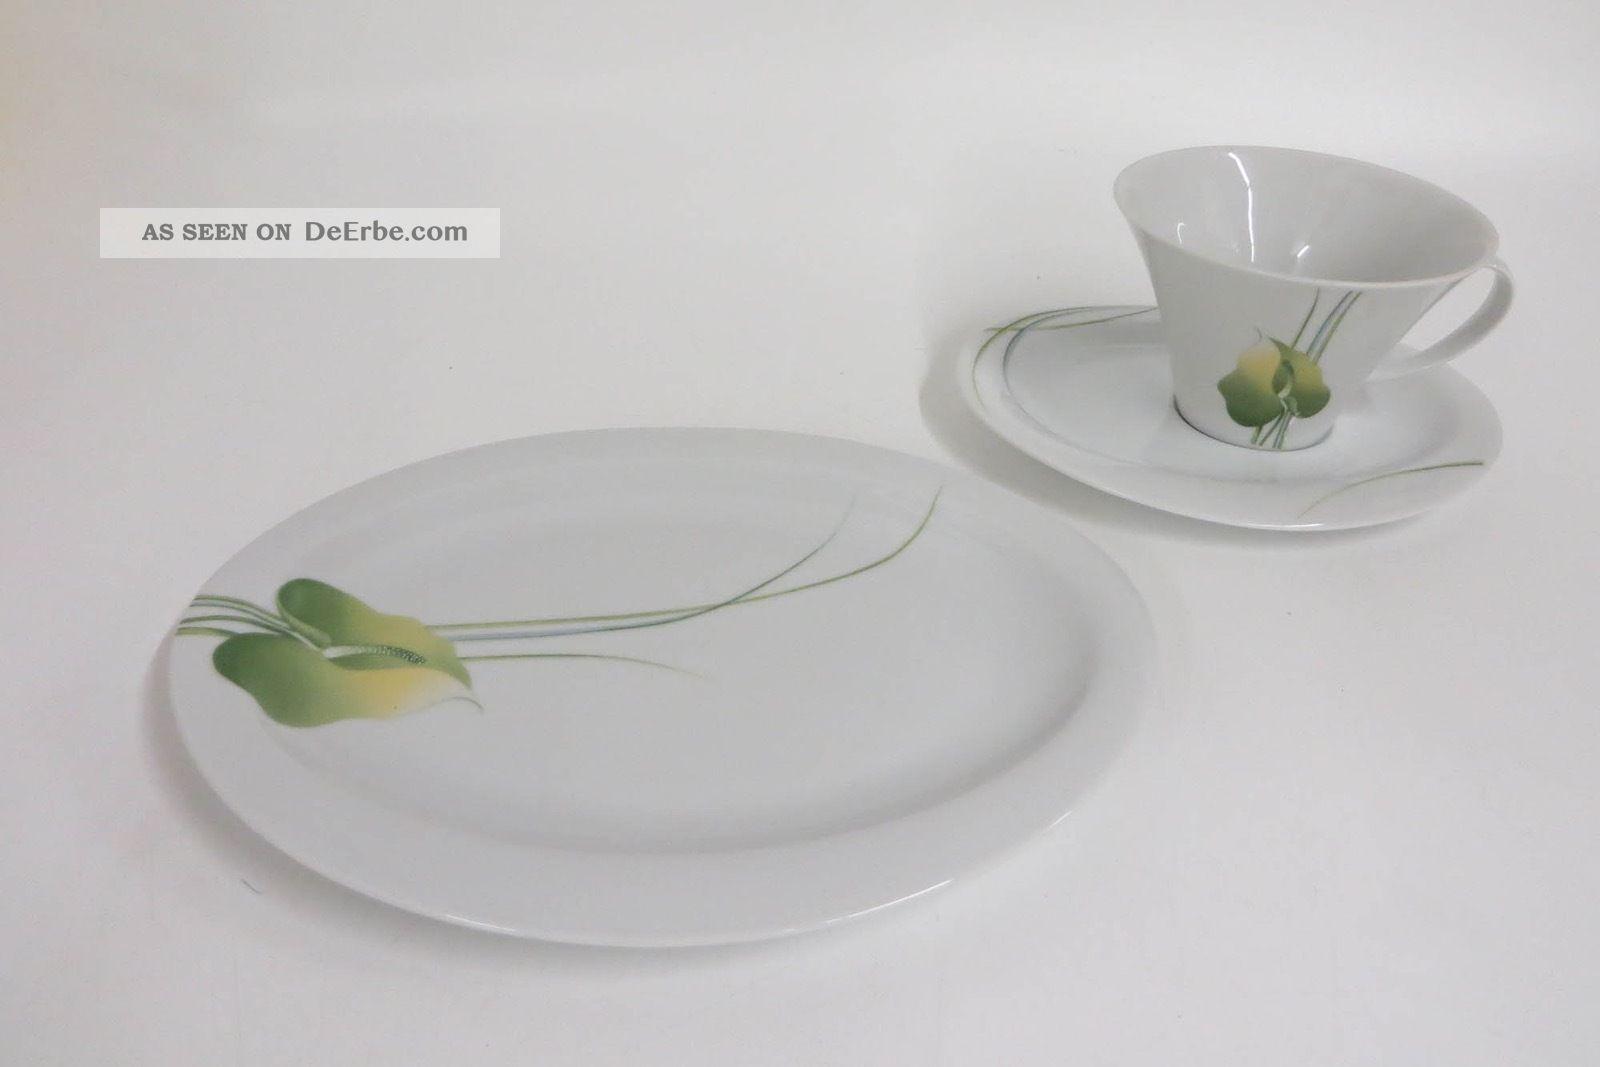 Sammelgedeck Kaffeegedeck Seltmann Weiden Hyde Park / Ovale Form Nach Form & Funktion Bild